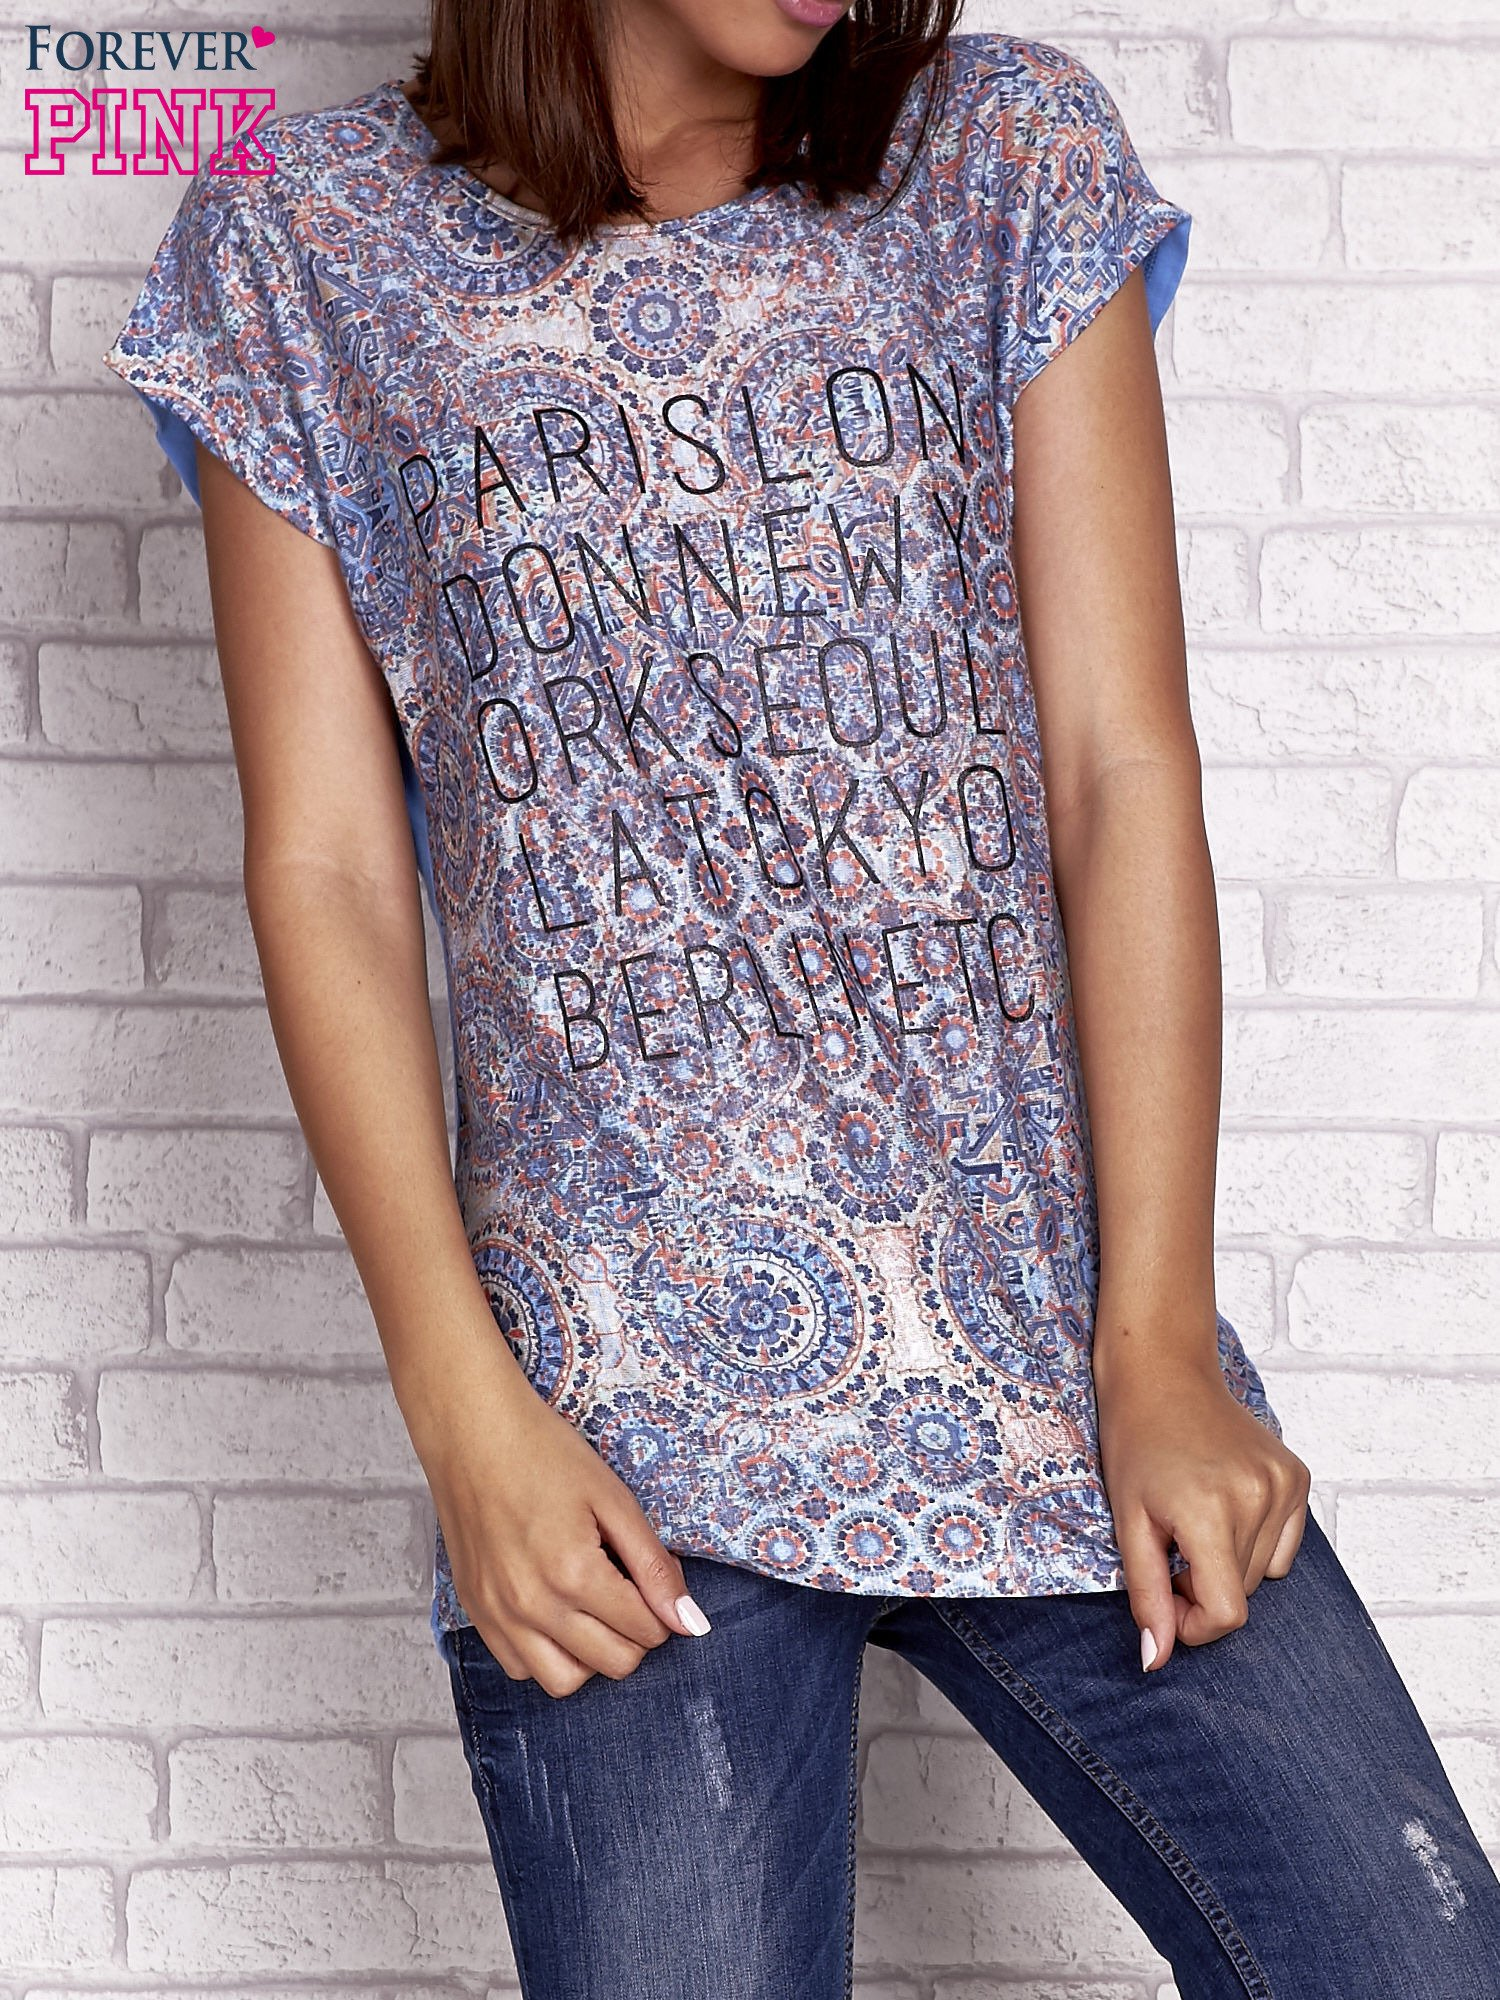 Niebieski t-shirt z nadrukiem nazw miast                                  zdj.                                  1